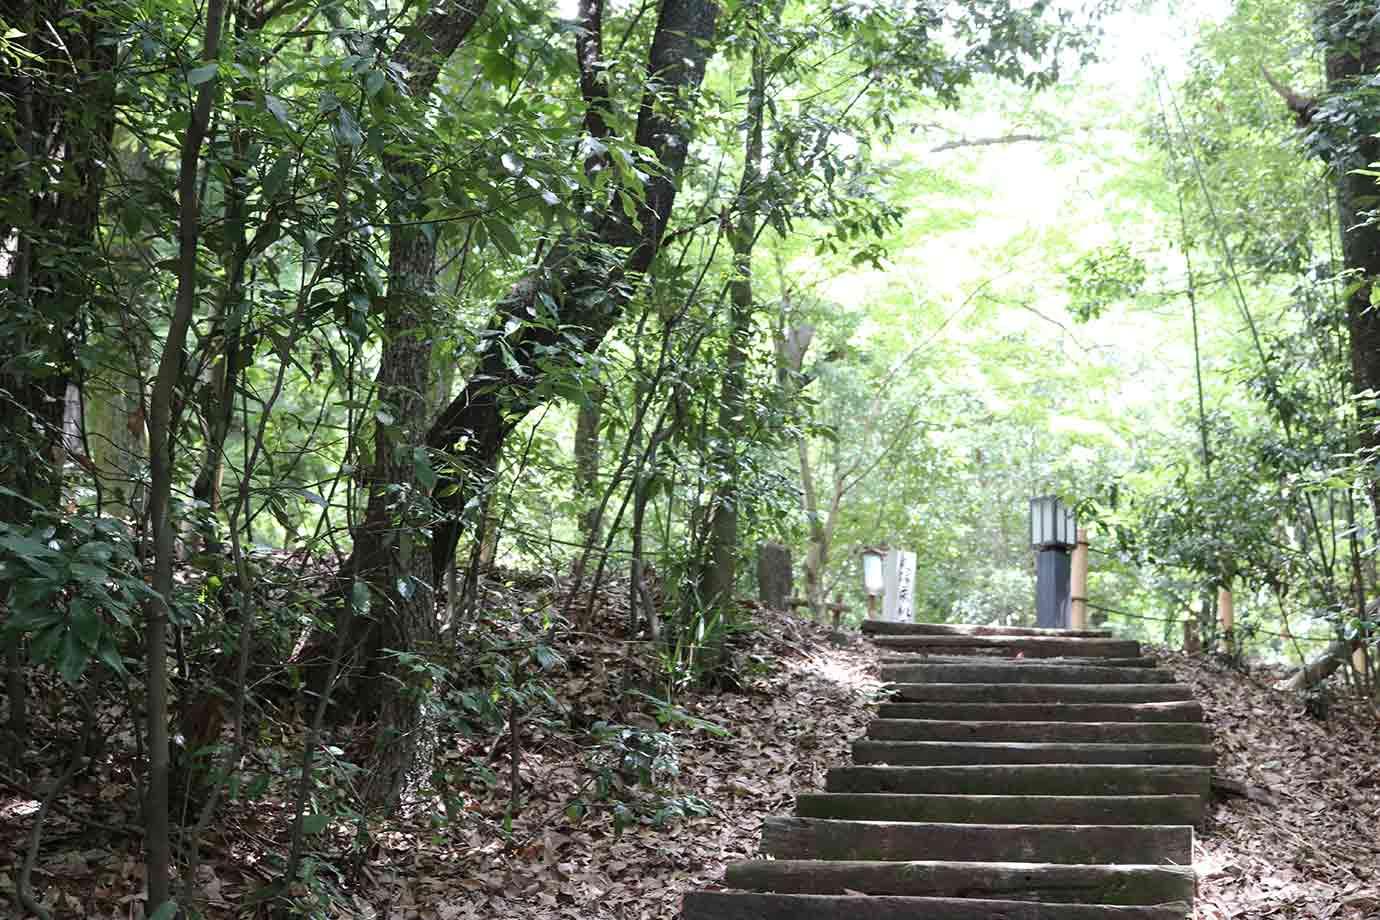 緑のカーテンに包まれているような、木々のトンネル。気持ちよい木漏れ日を浴びながら、山頂へ